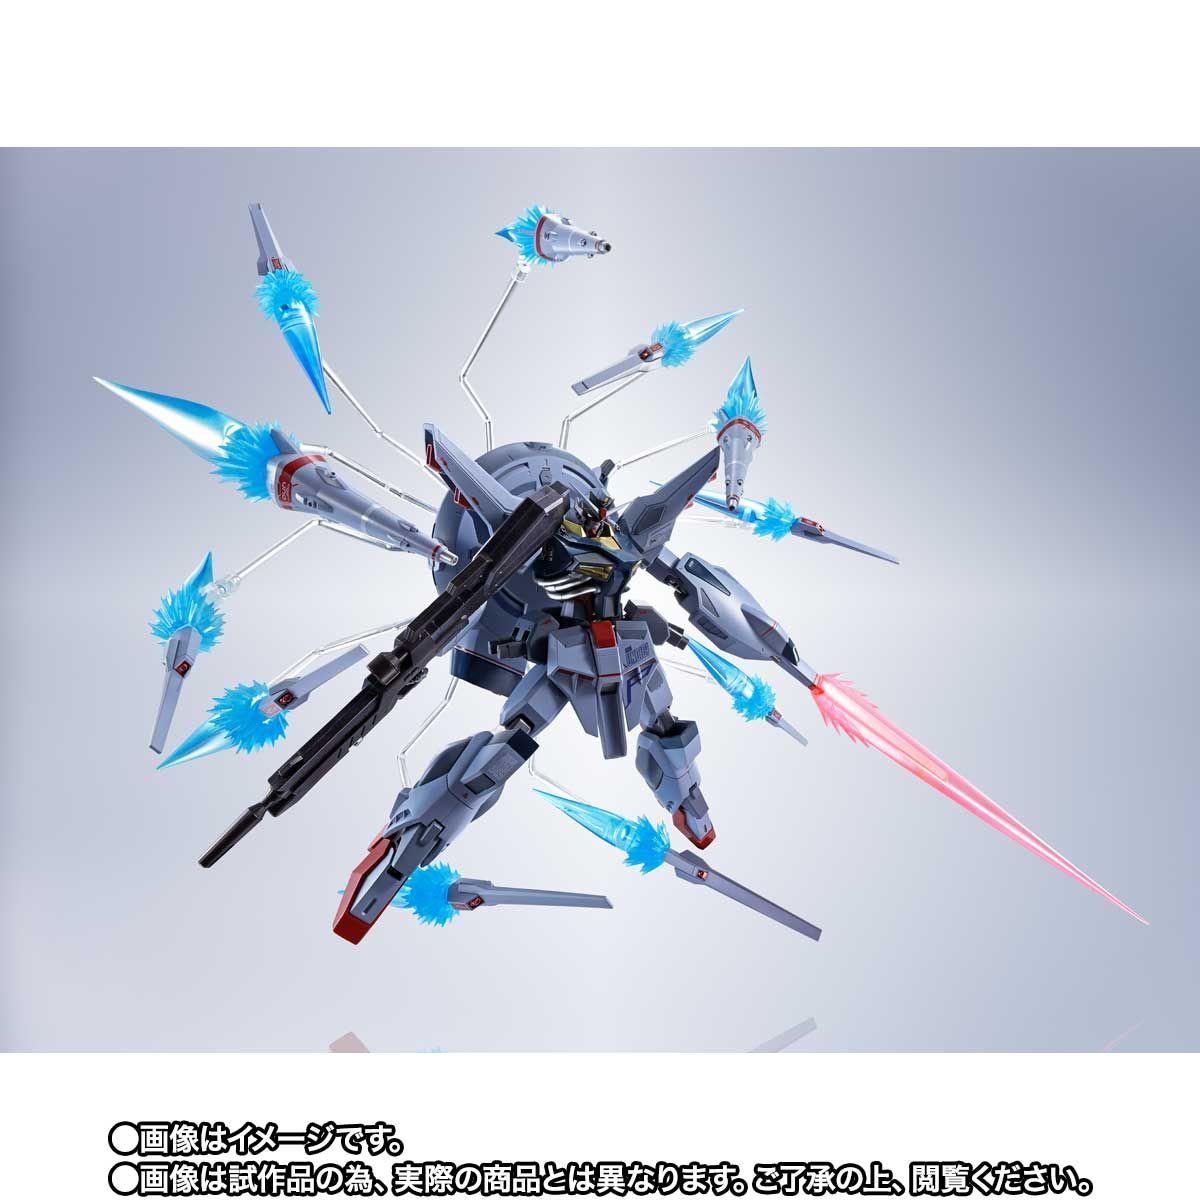 【限定販売】METAL ROBOT魂〈SIDE MS〉『プロヴィデンスガンダム』ガンダムSEED 可動フィギュア-010